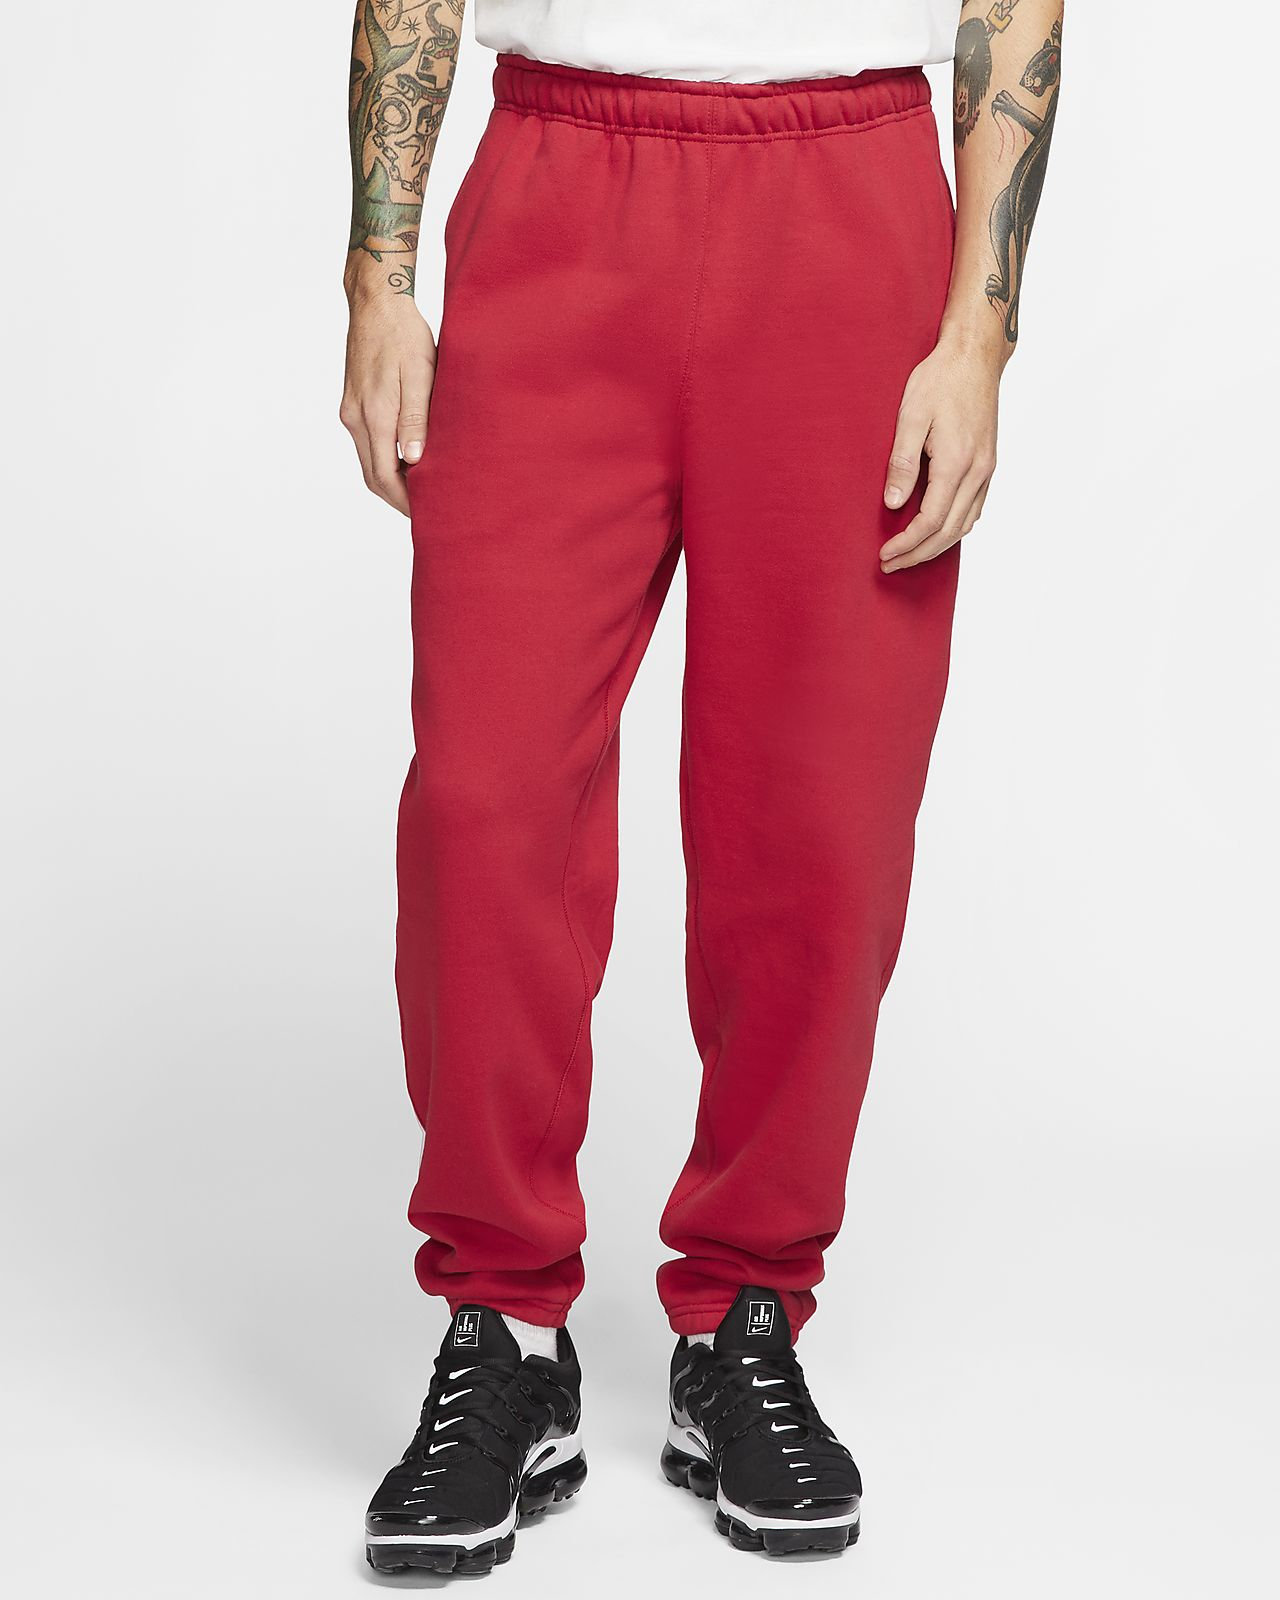 NikeLab Men's Pants